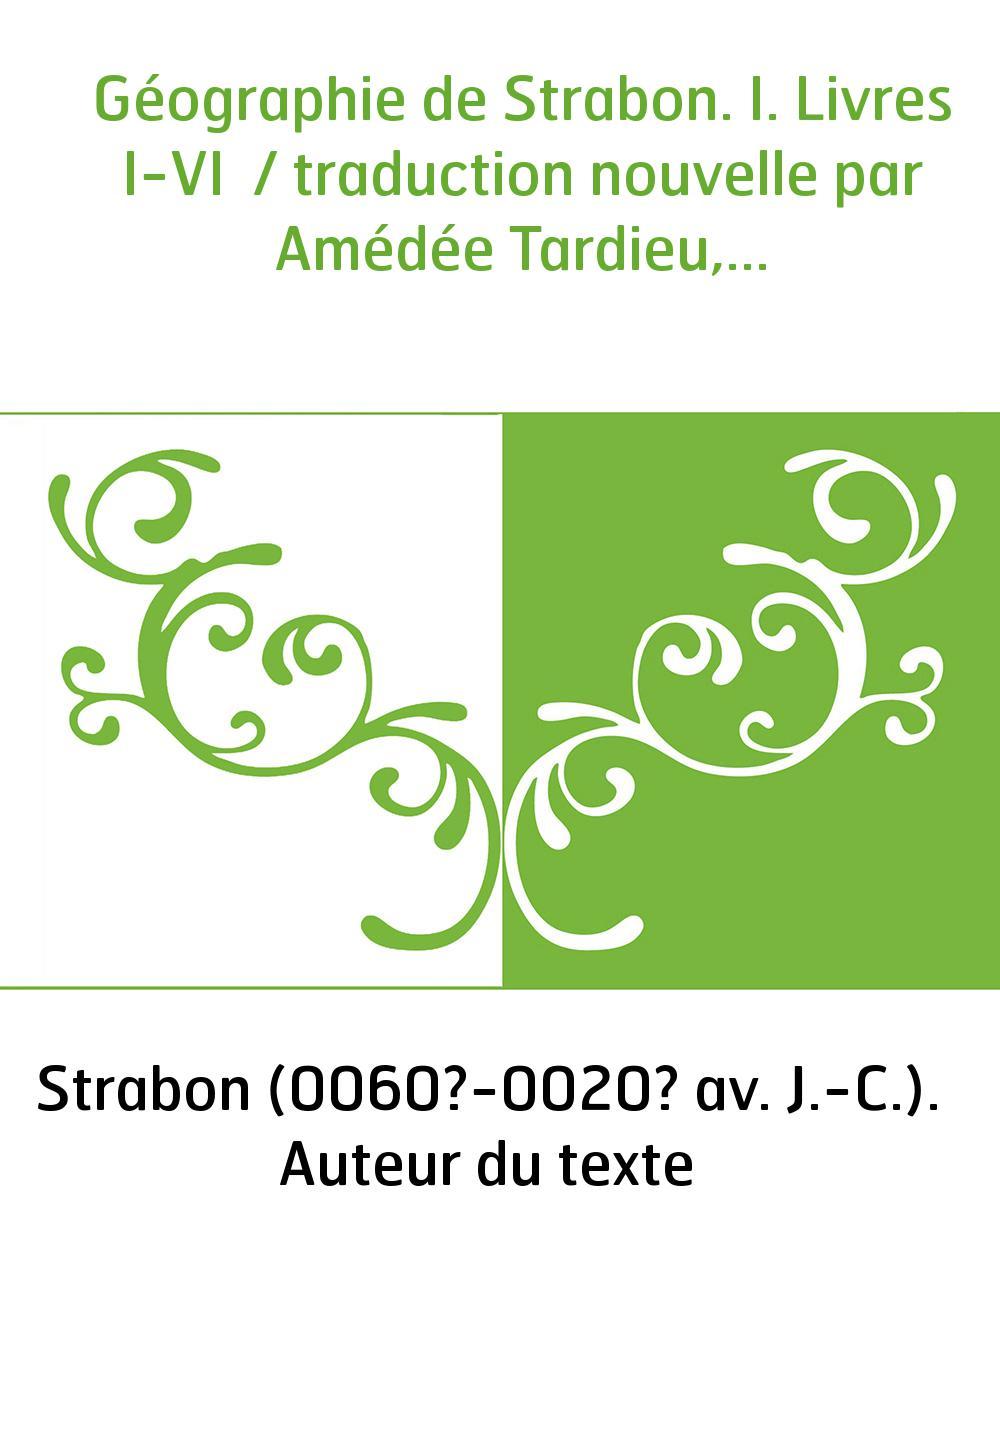 Géographie de Strabon. I. Livres I-VI / traduction nouvelle par Amédée Tardieu,...